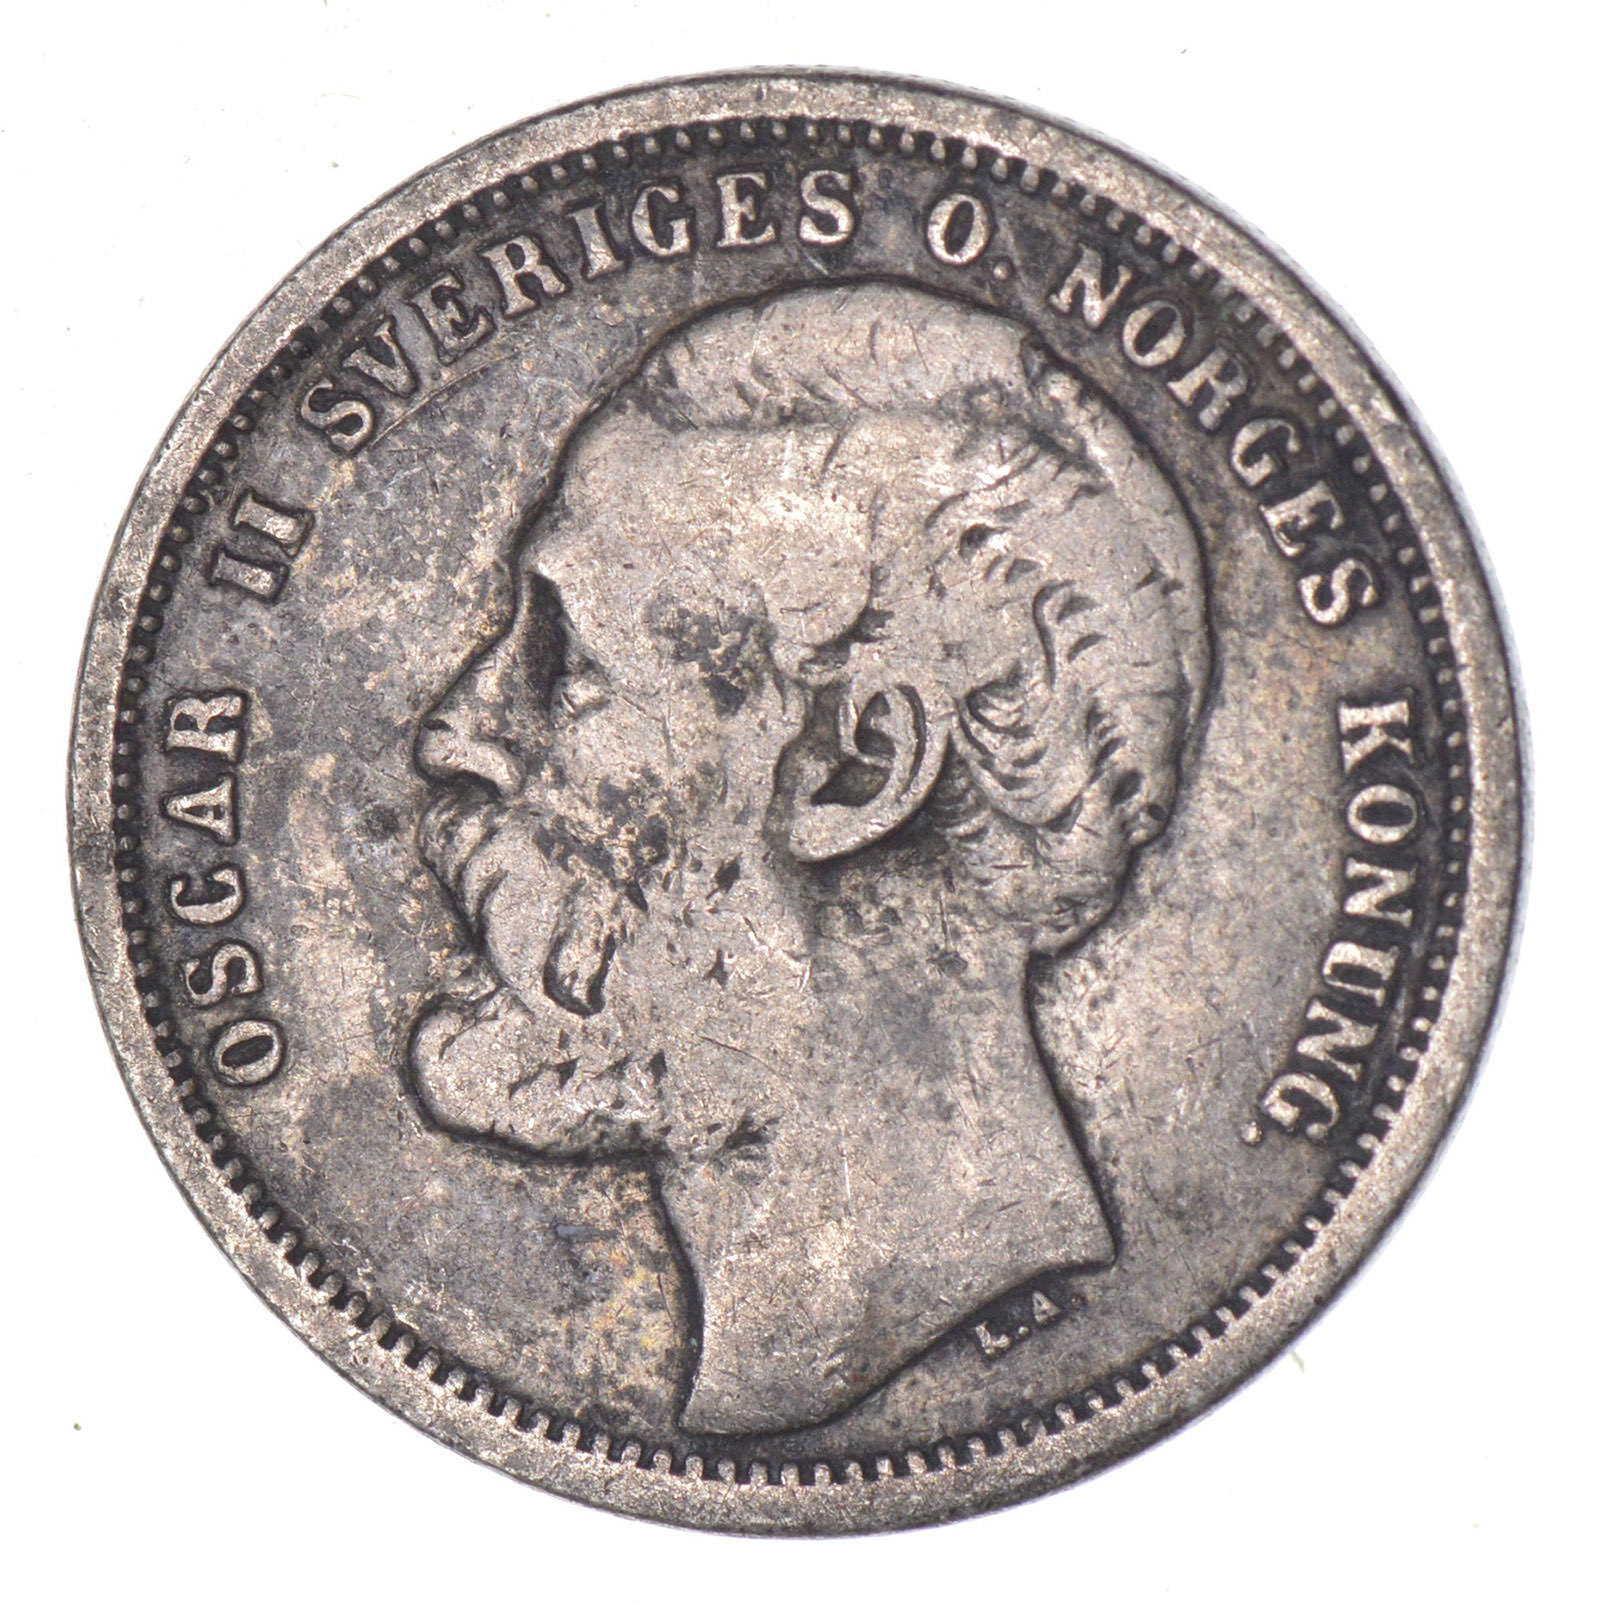 SILVER - 1875 Sweden 1 Krona - World Silver Coin 7.4 Grams ...